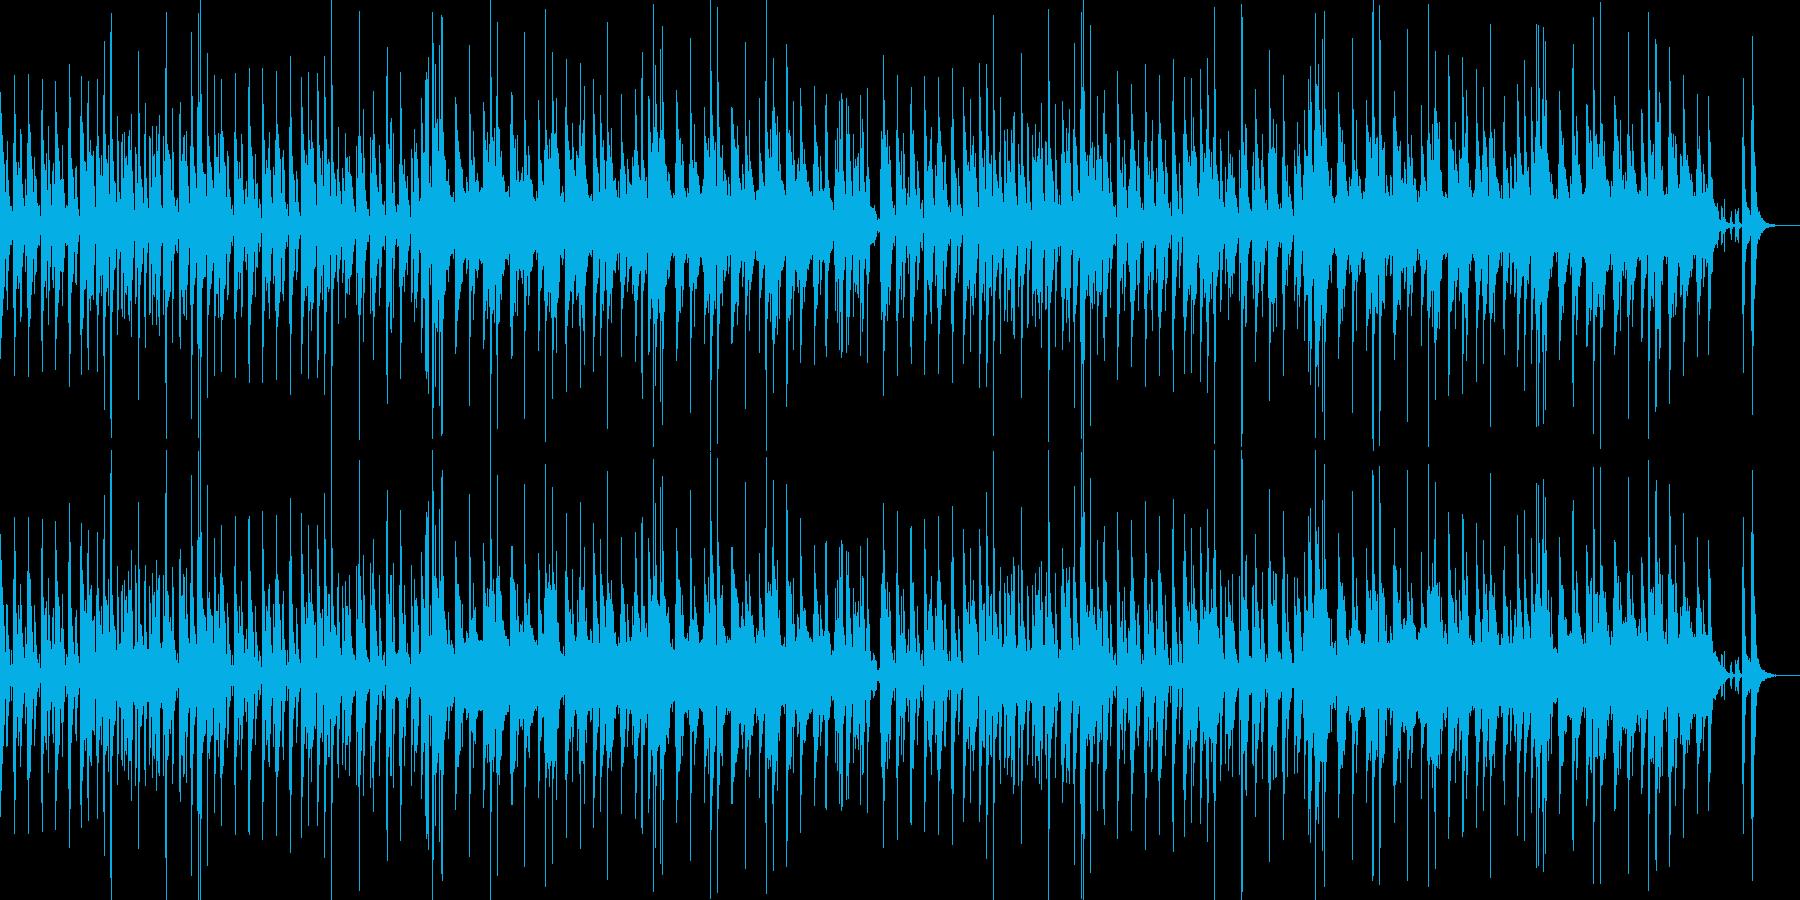 マレット楽器のほのぼのインストの再生済みの波形